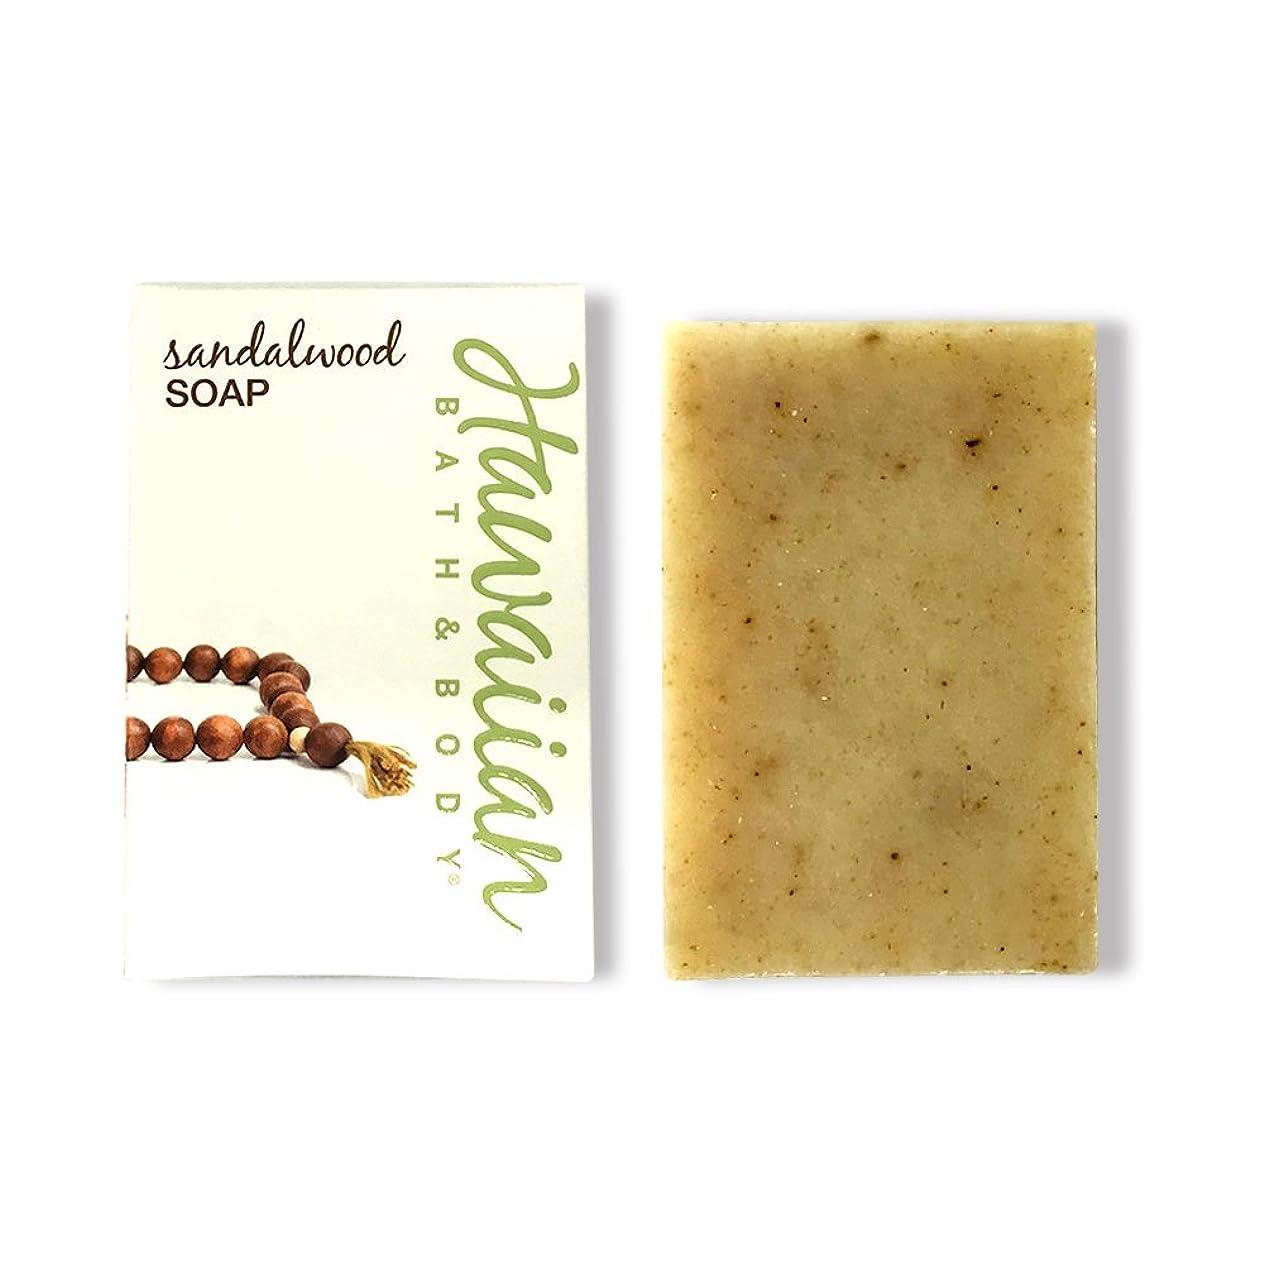 時間とともにジャベスウィルソン少しハワイアンバス&ボディ サンダルウッドソープ ( Sandalwood Soap )